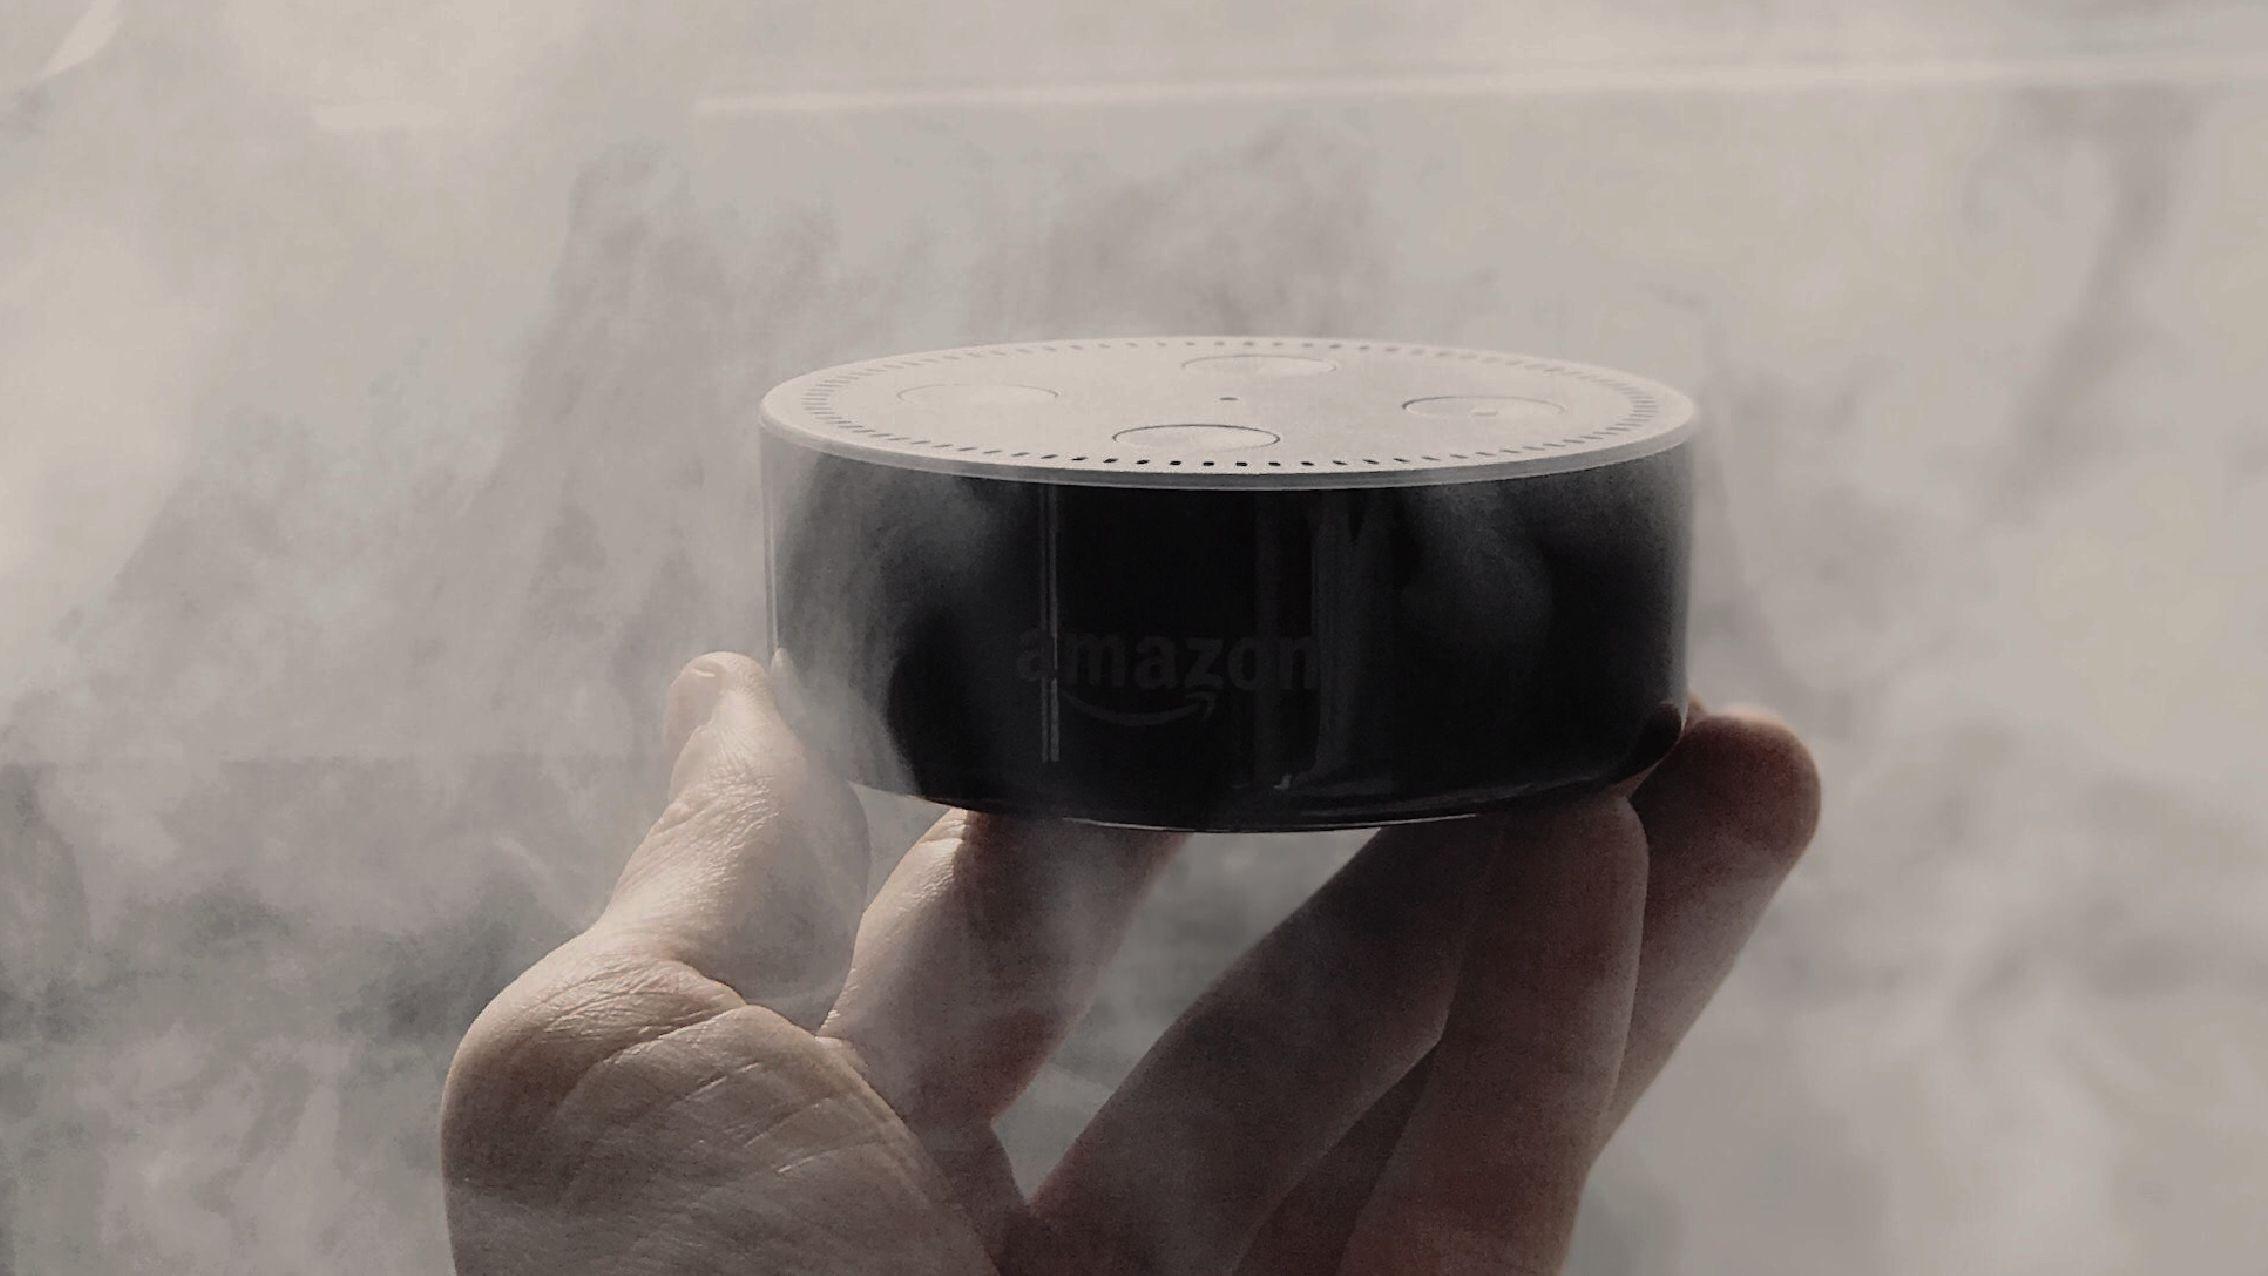 Doit-on avoir peur d'Alexa, la solution d'Amazon pour vous suivre partout ?